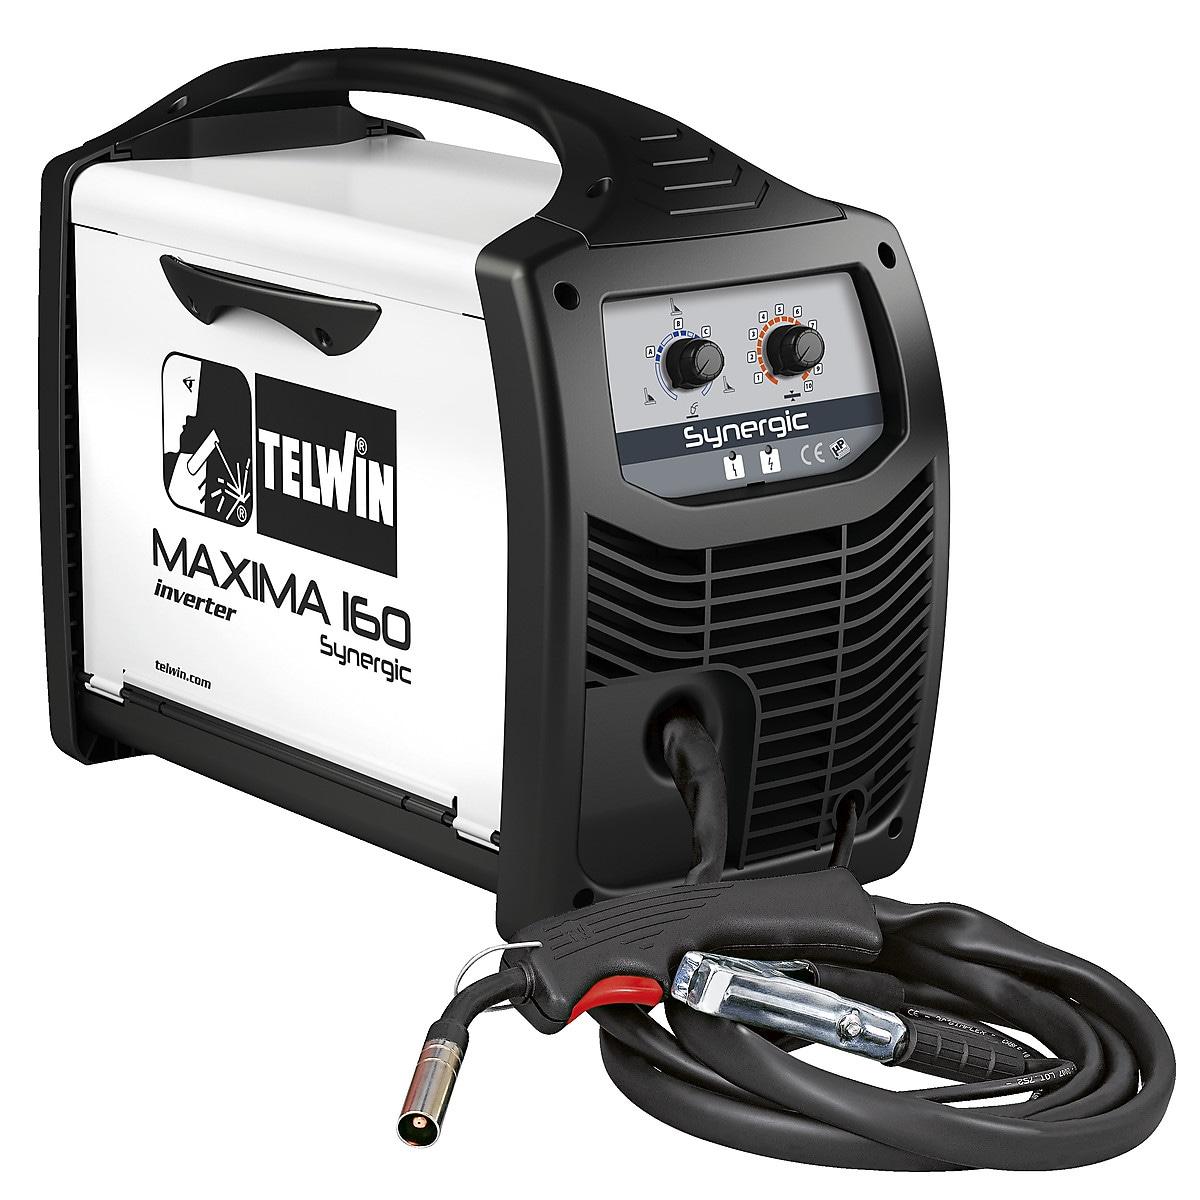 Telwin MAXIMA 160 Synergic sveisemaskin